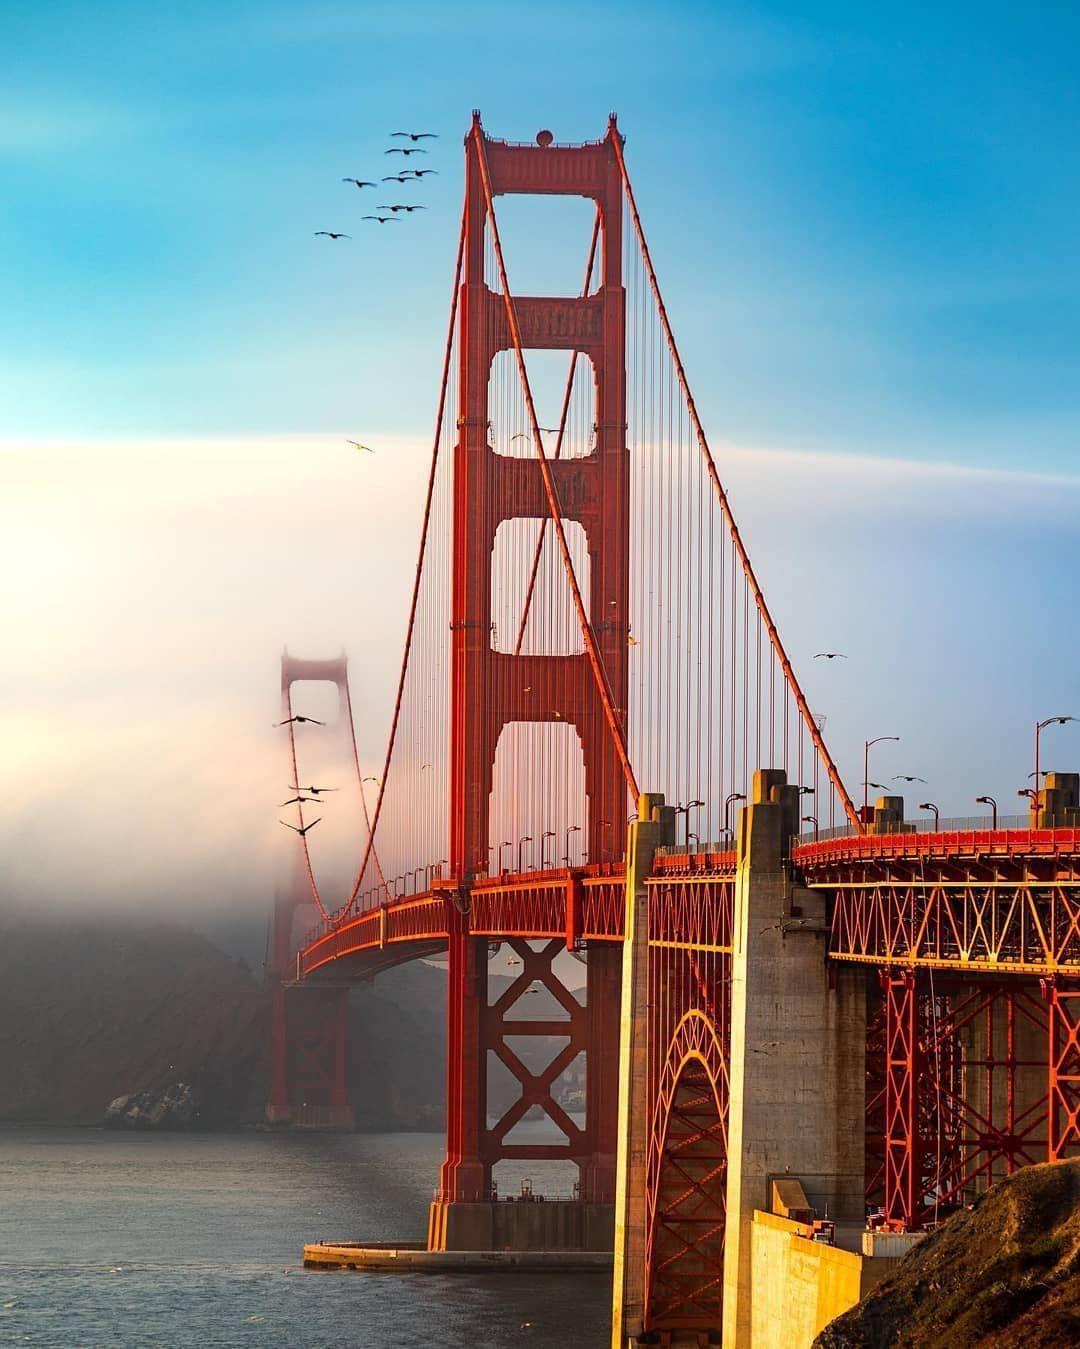 Golden Gate Bridge Usa In 2020 Golden Gate Bridge Golden Gate Sightseeing